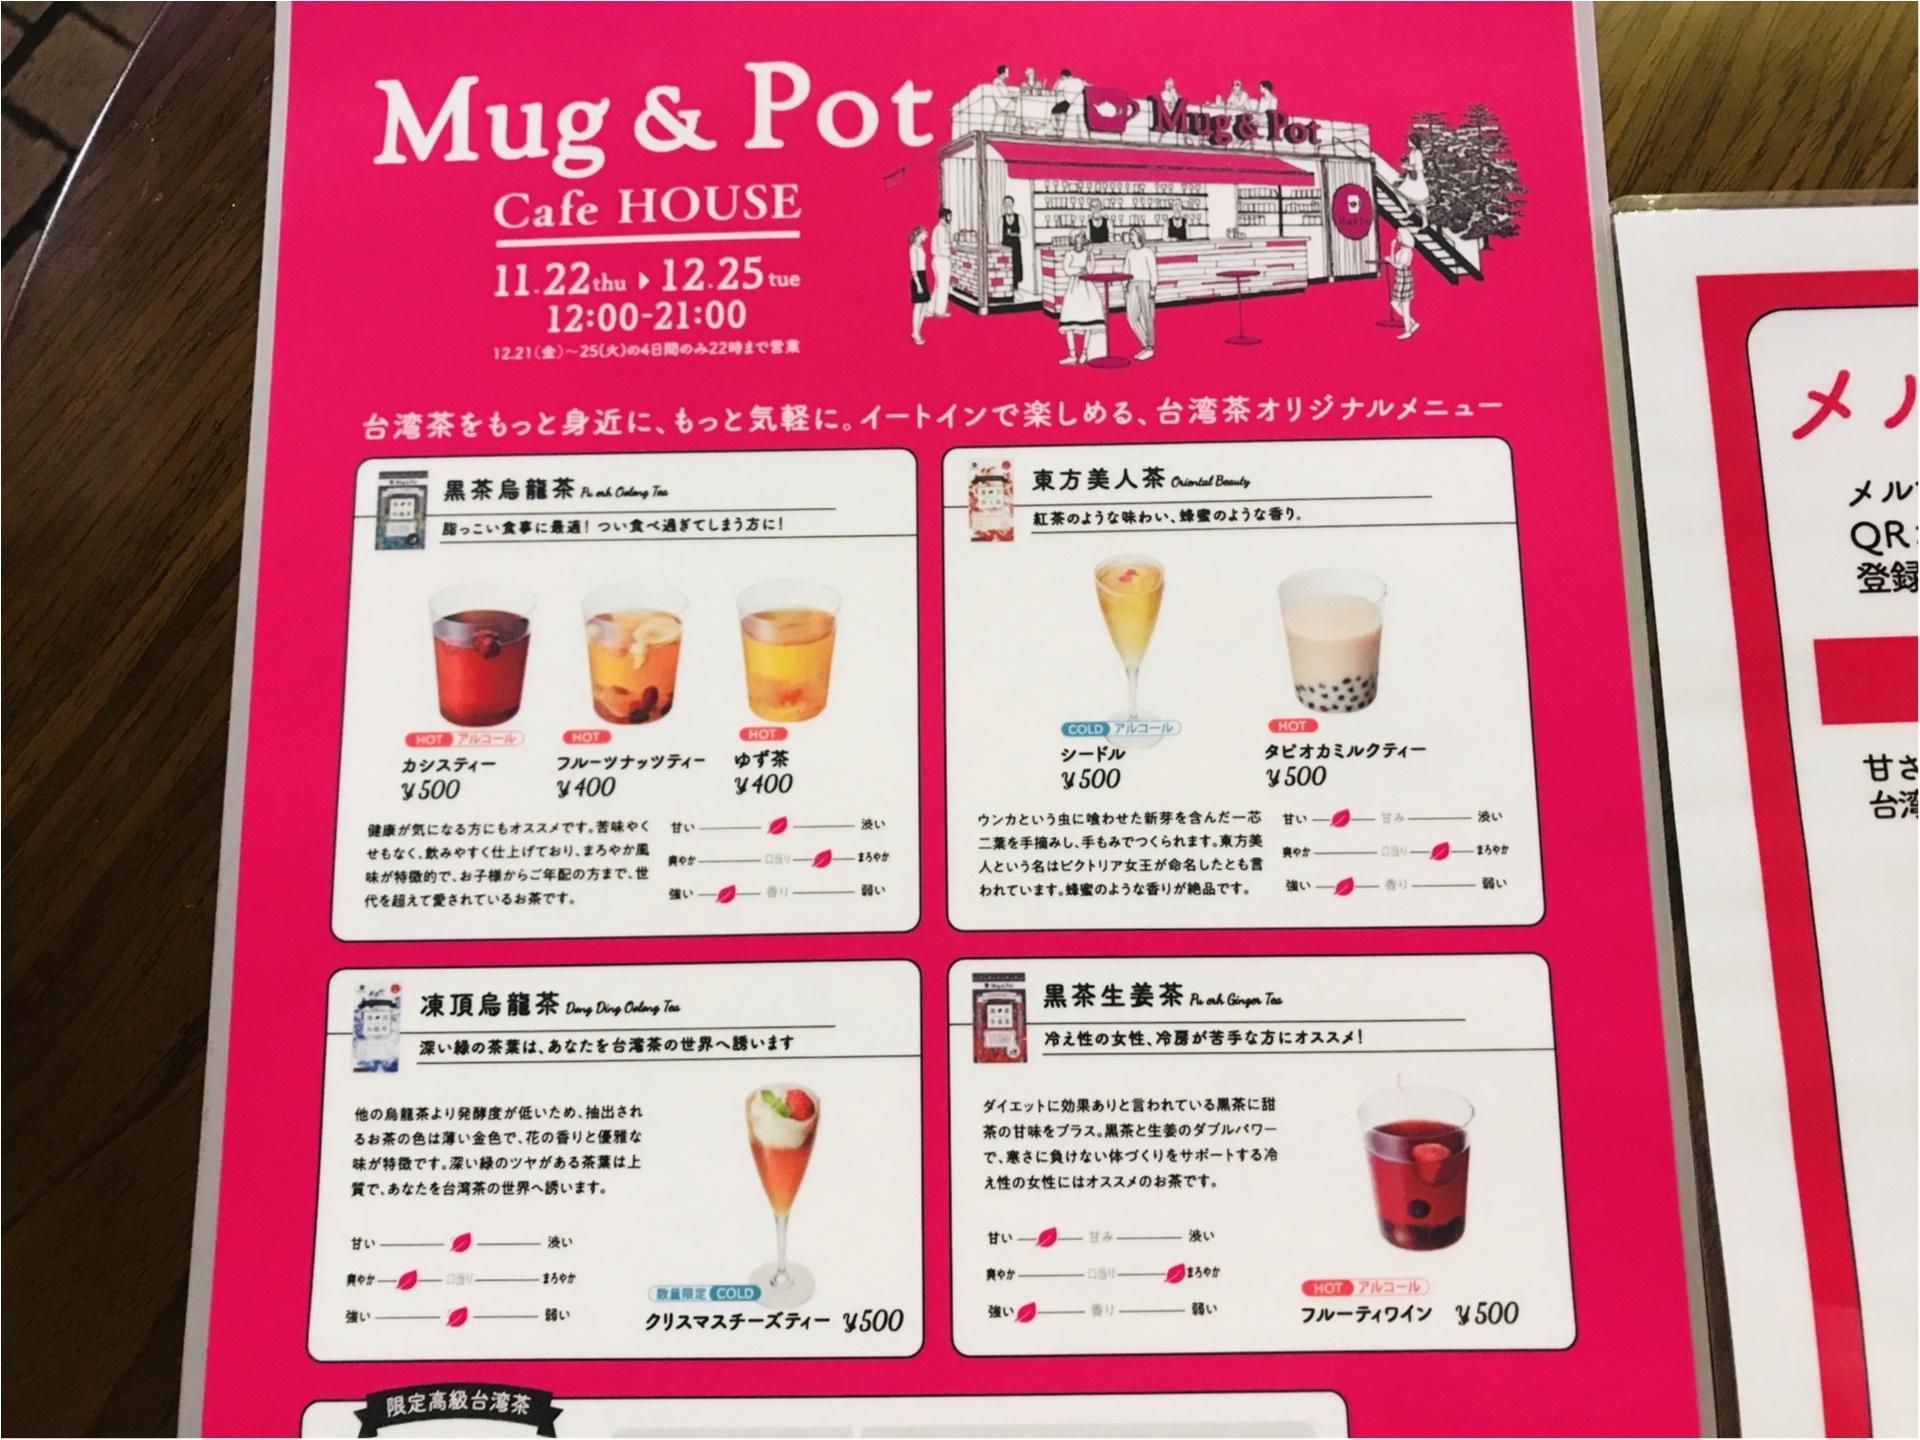 【Mug&Pot】クリスマス限定!映え度抜群❤︎台湾茶のポップアップカフェがオープン♡_3